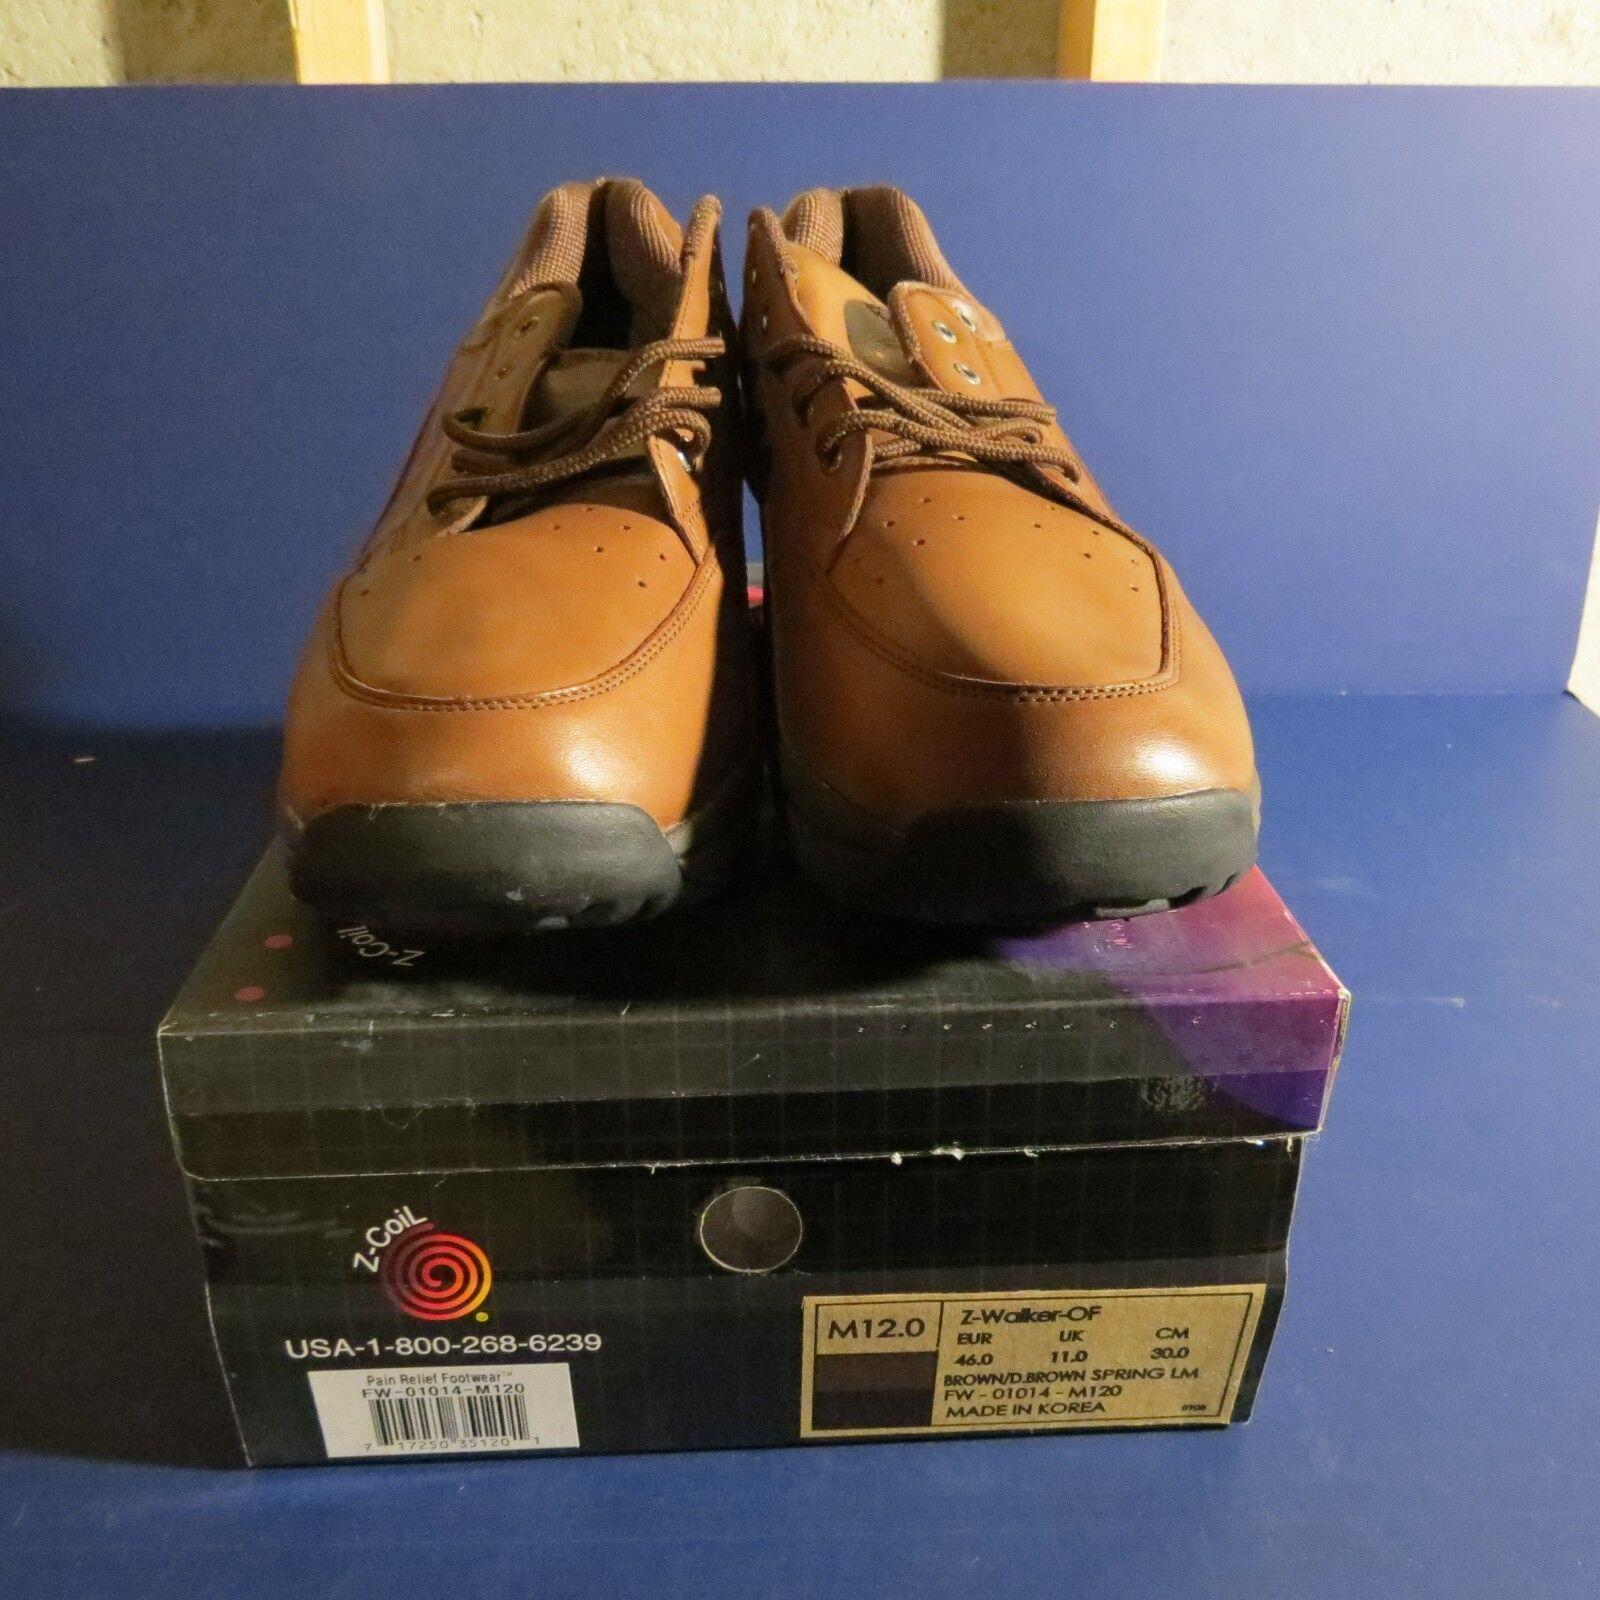 NEW Z-coil pain relief footwear mens 12 Brown Z-Walker dark brown color